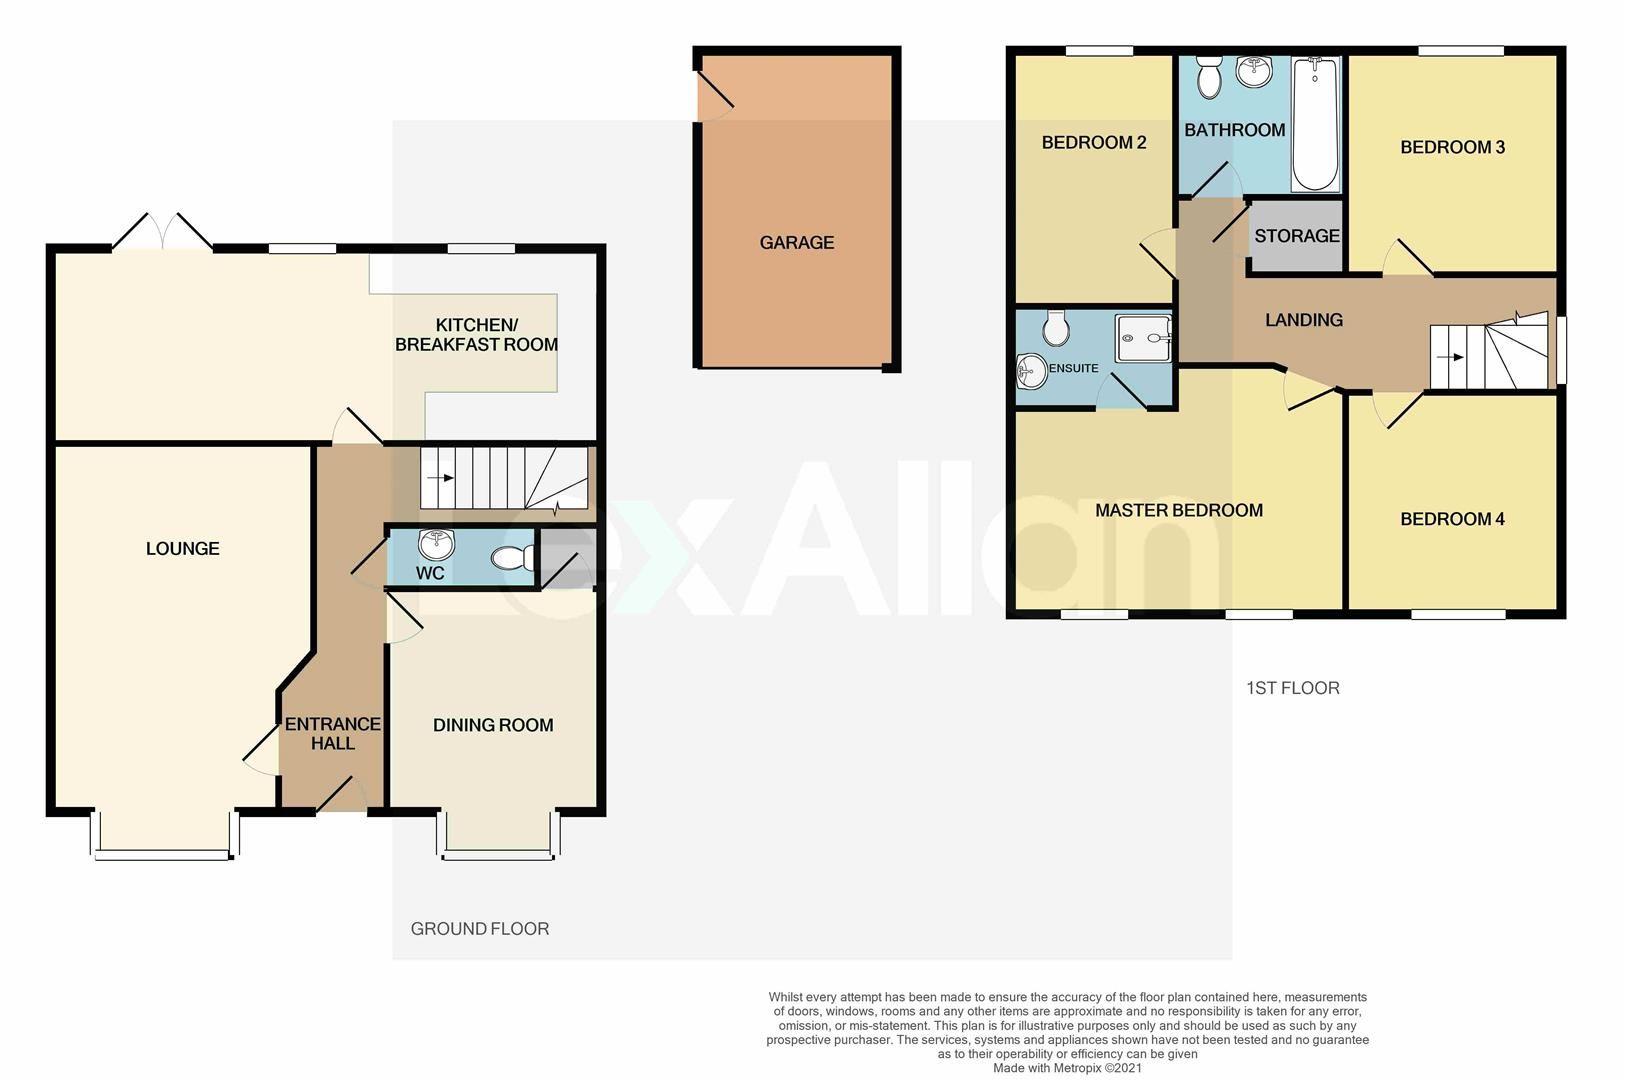 4 bed detached for sale - Property Floorplan